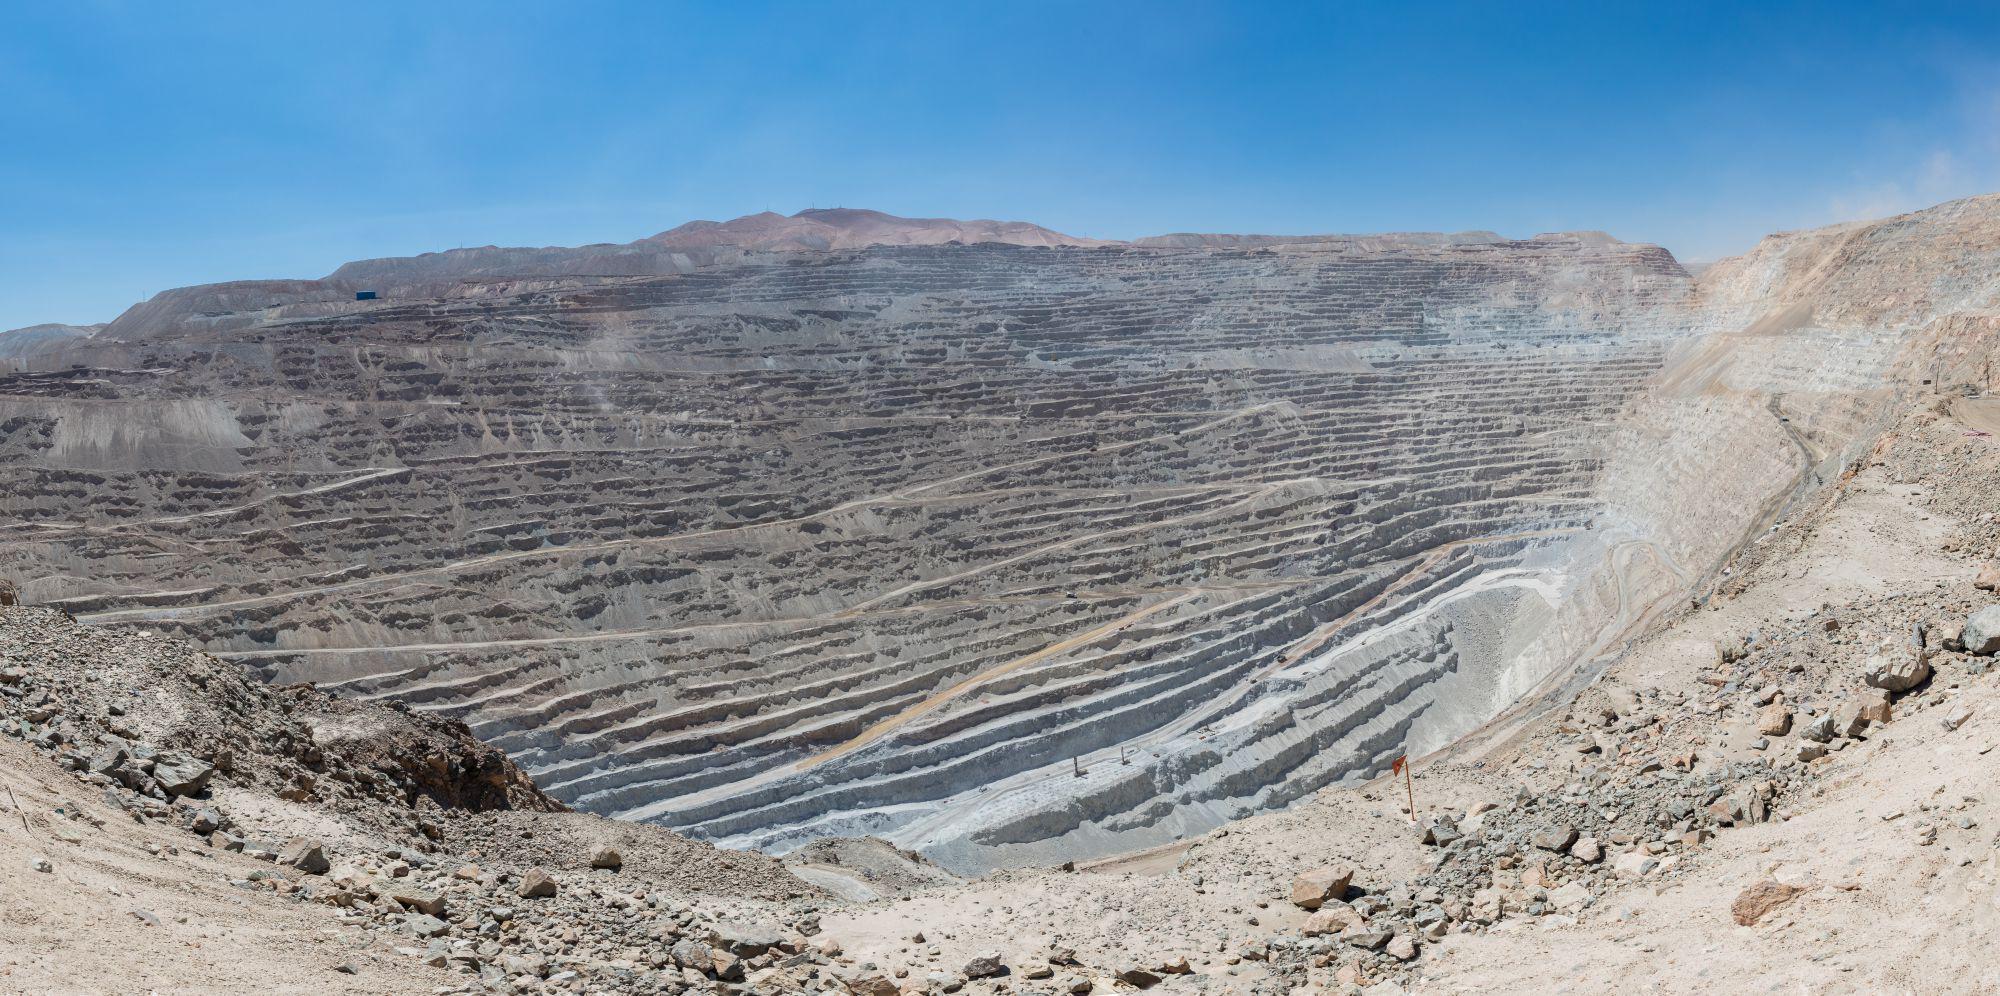 El cobre está potenciando la evolución positiva de la economía en Chile / WC: Diego Delso